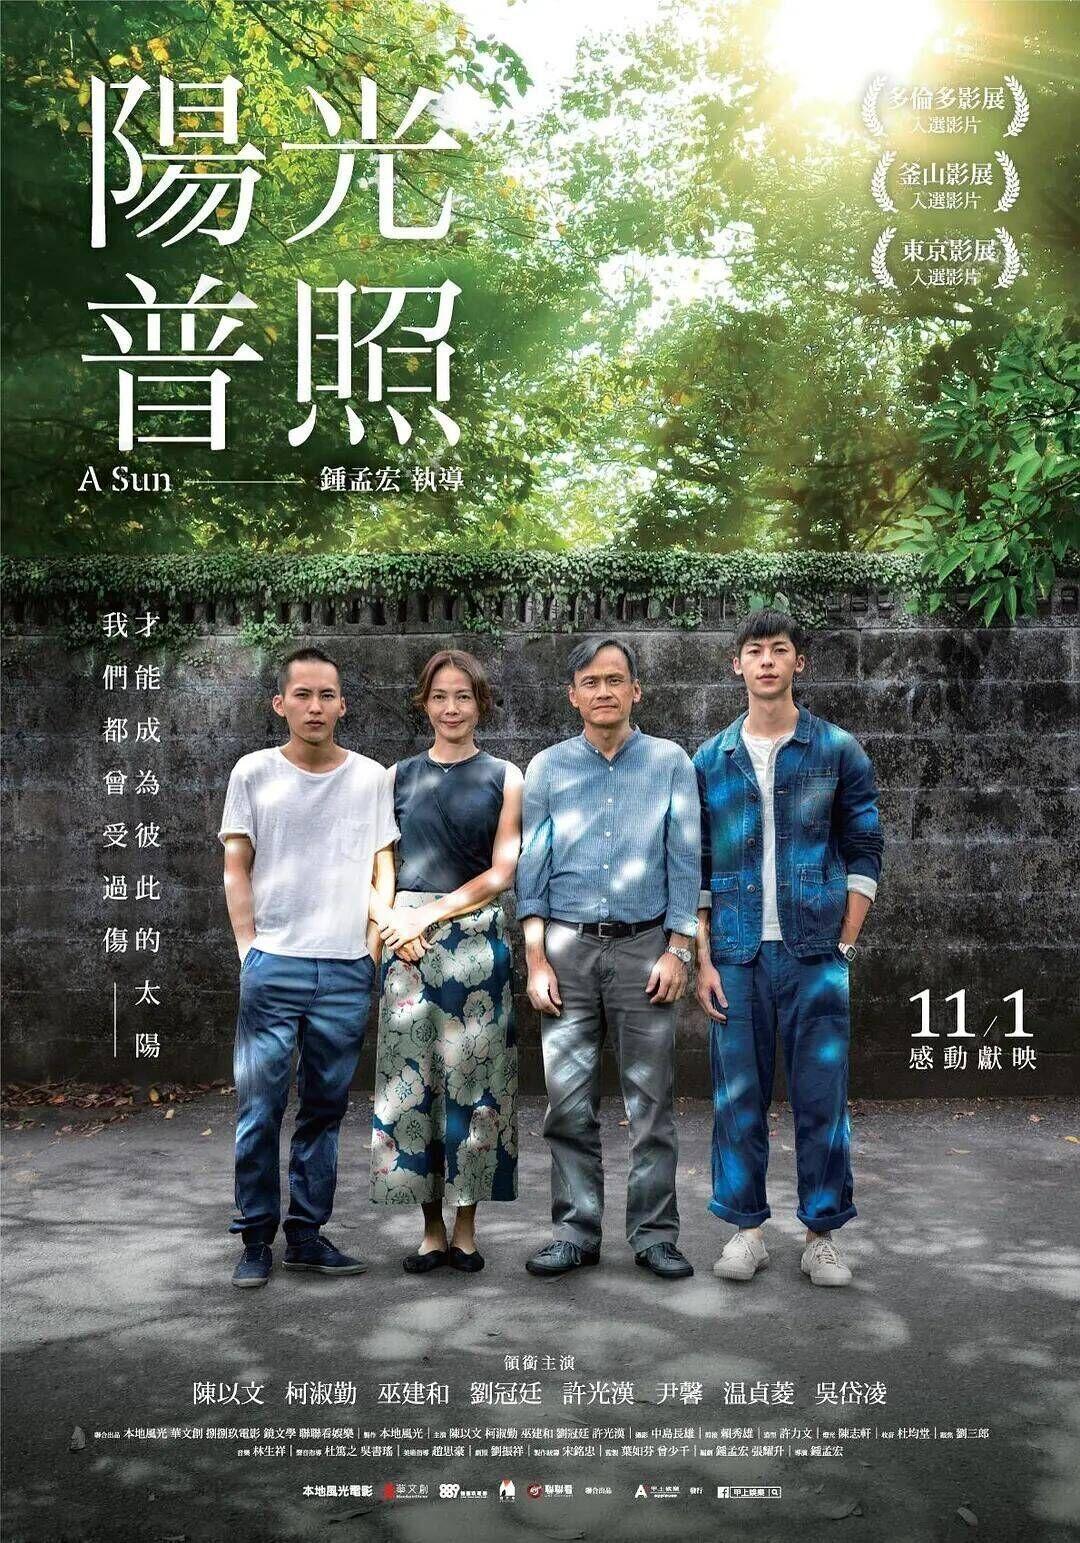 『电影推荐』阳光普照(2019)